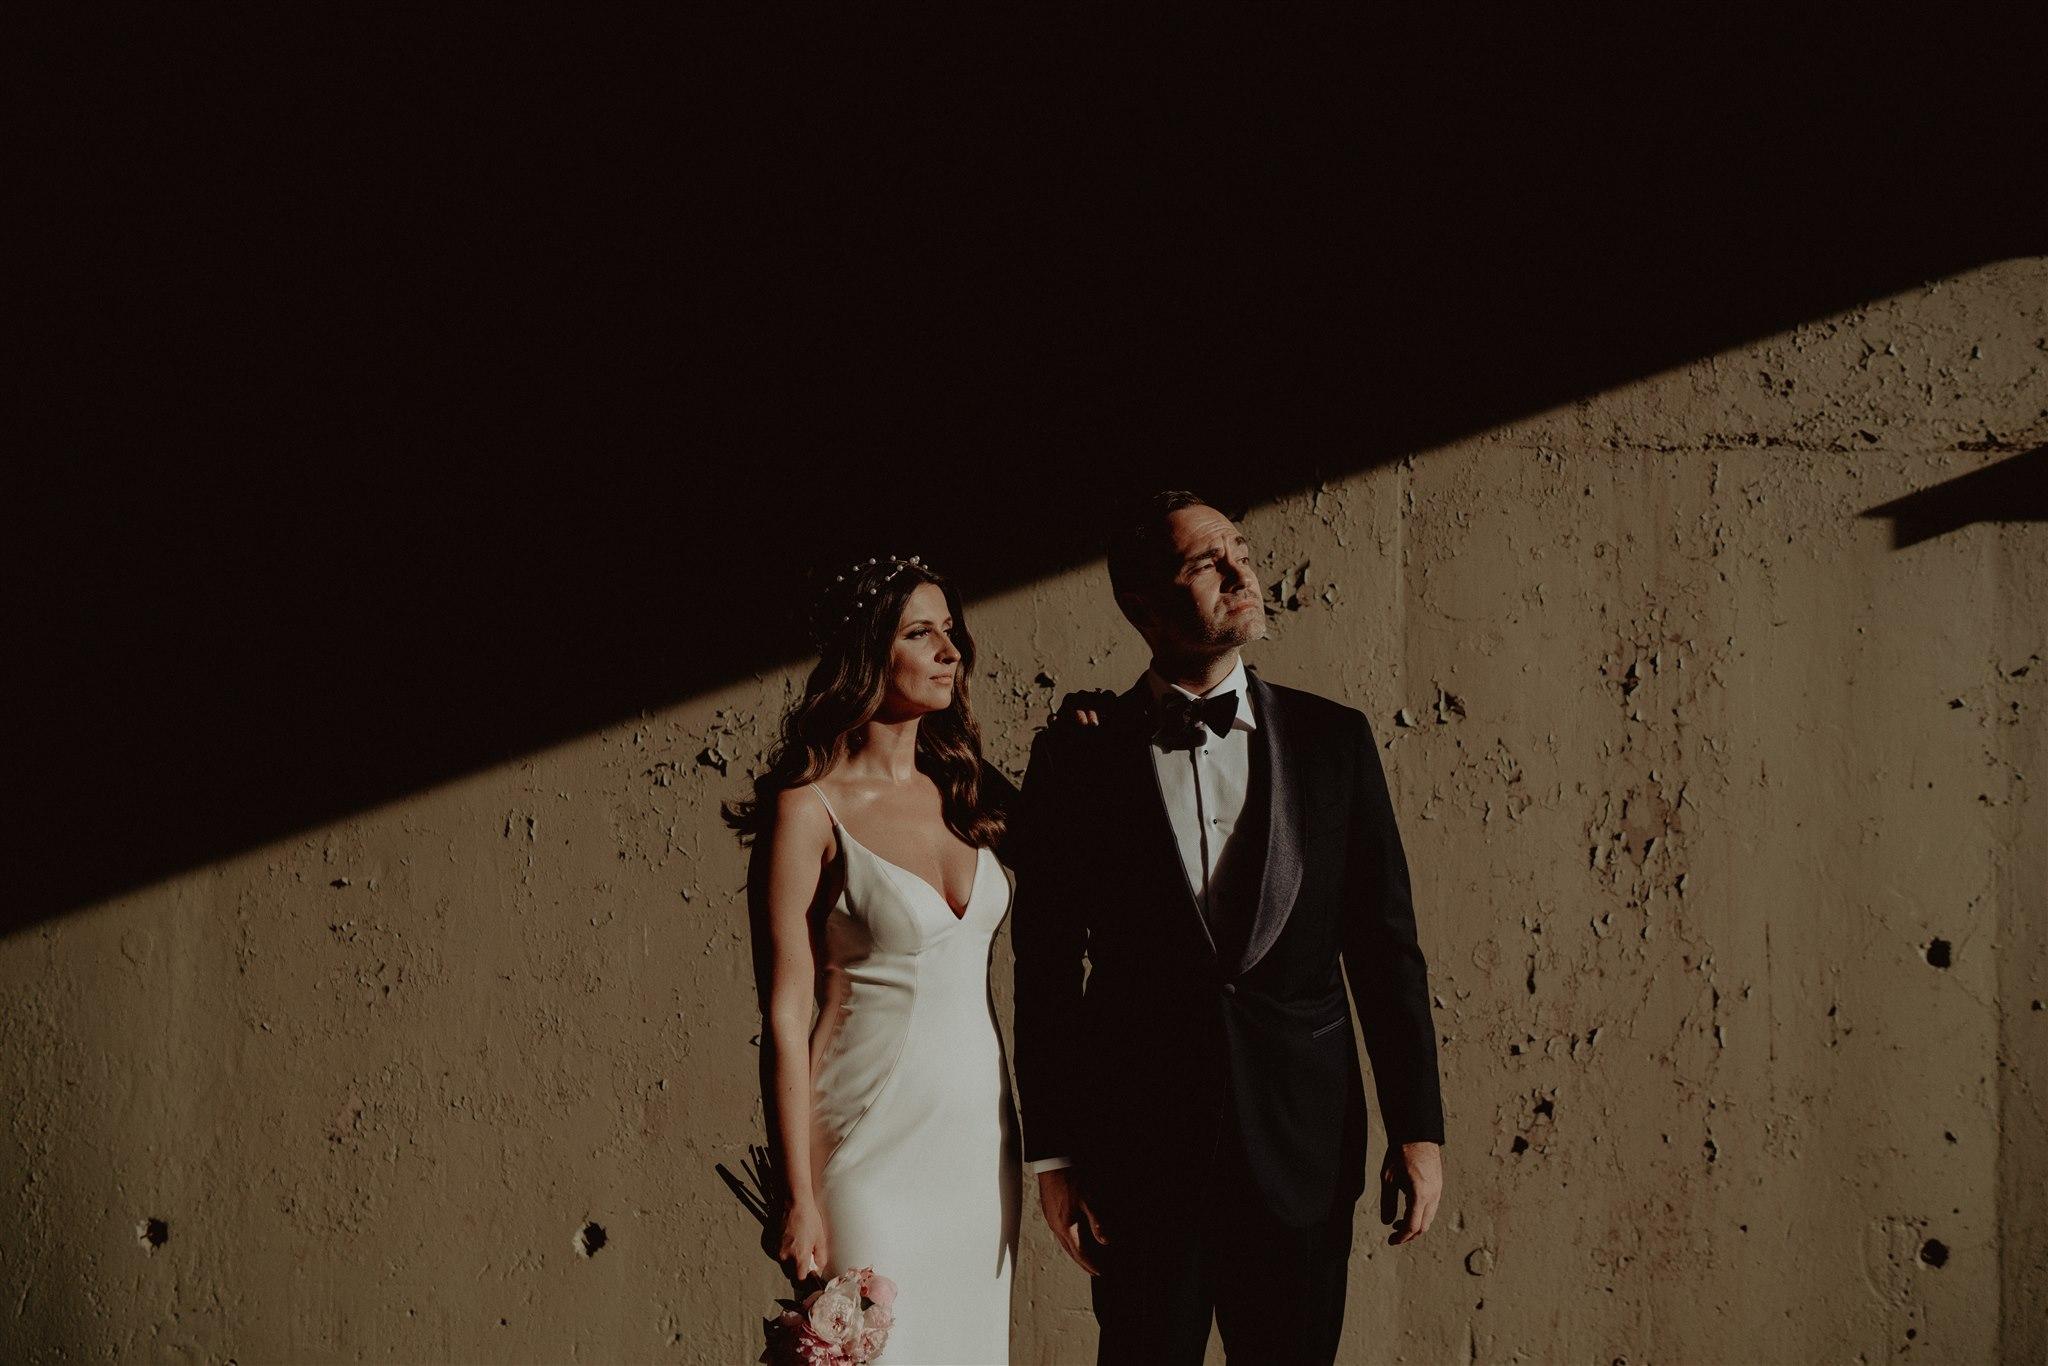 Chellise_Michael_Photography_Ramona_Brooklyn_Wedding_Photographer-382.jpg